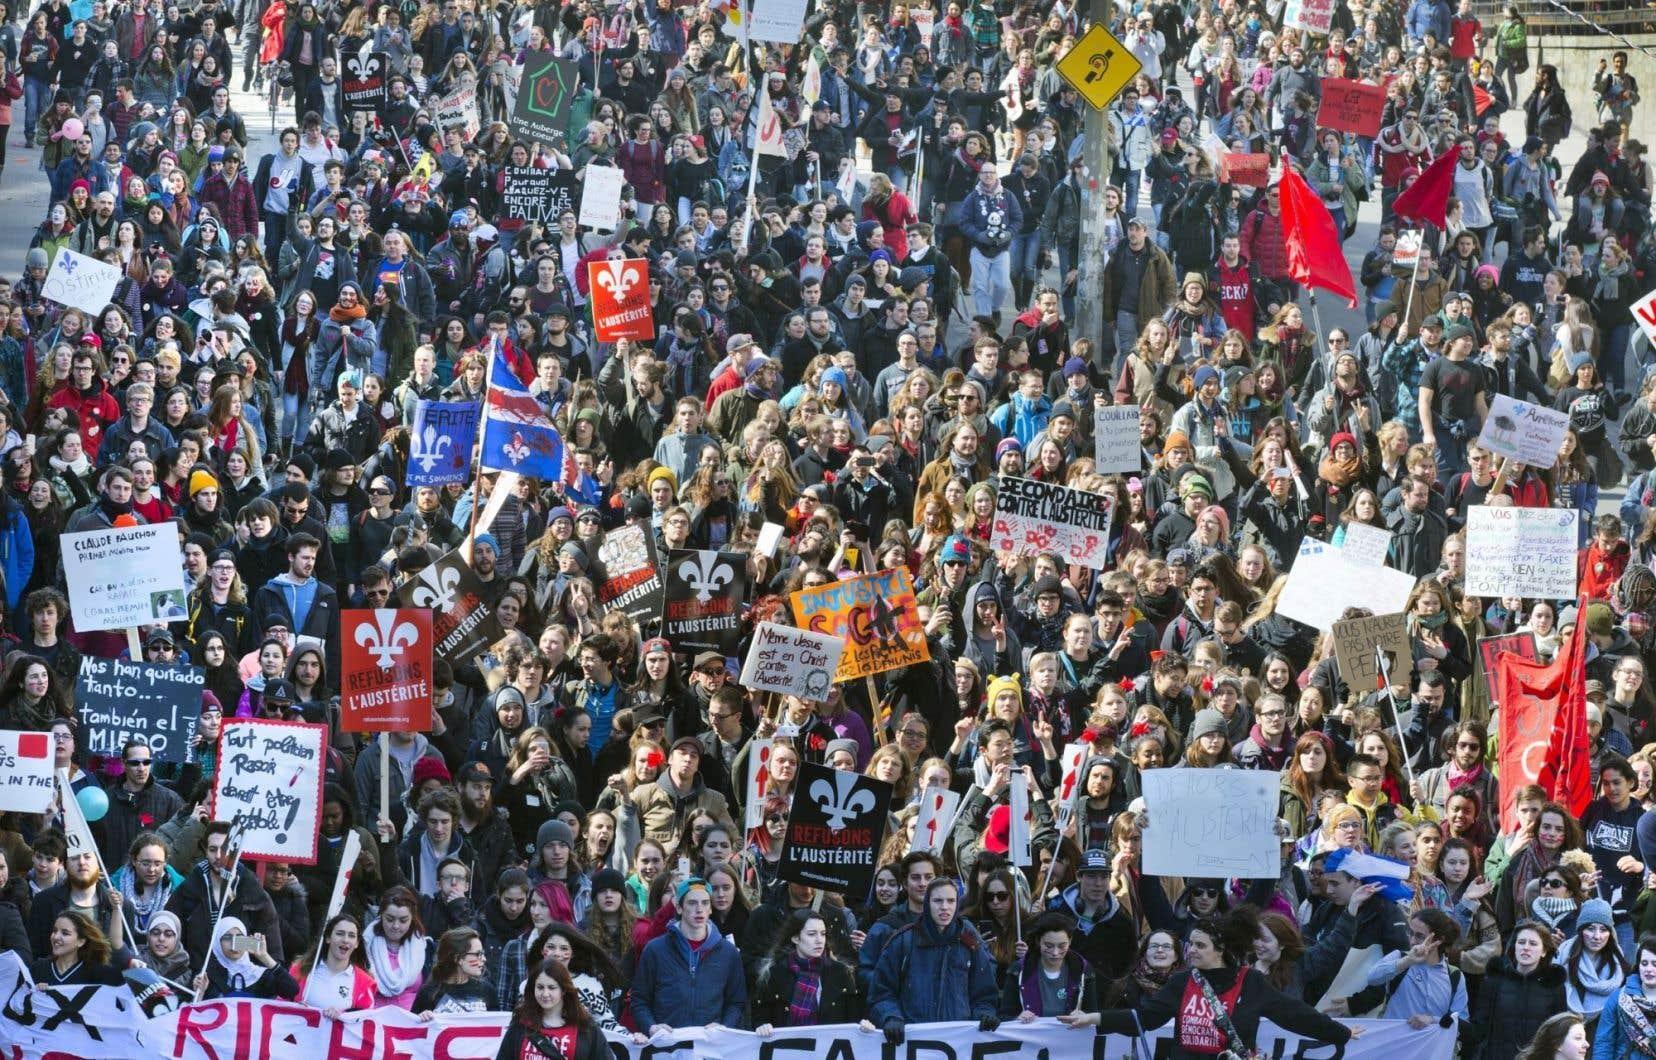 À défaut d'une entente, les syndiqués des secteurs public et parapublic seront appelés, durant la deuxième moitié du mois de septembre, à donner un mandat de grève au Front commun.